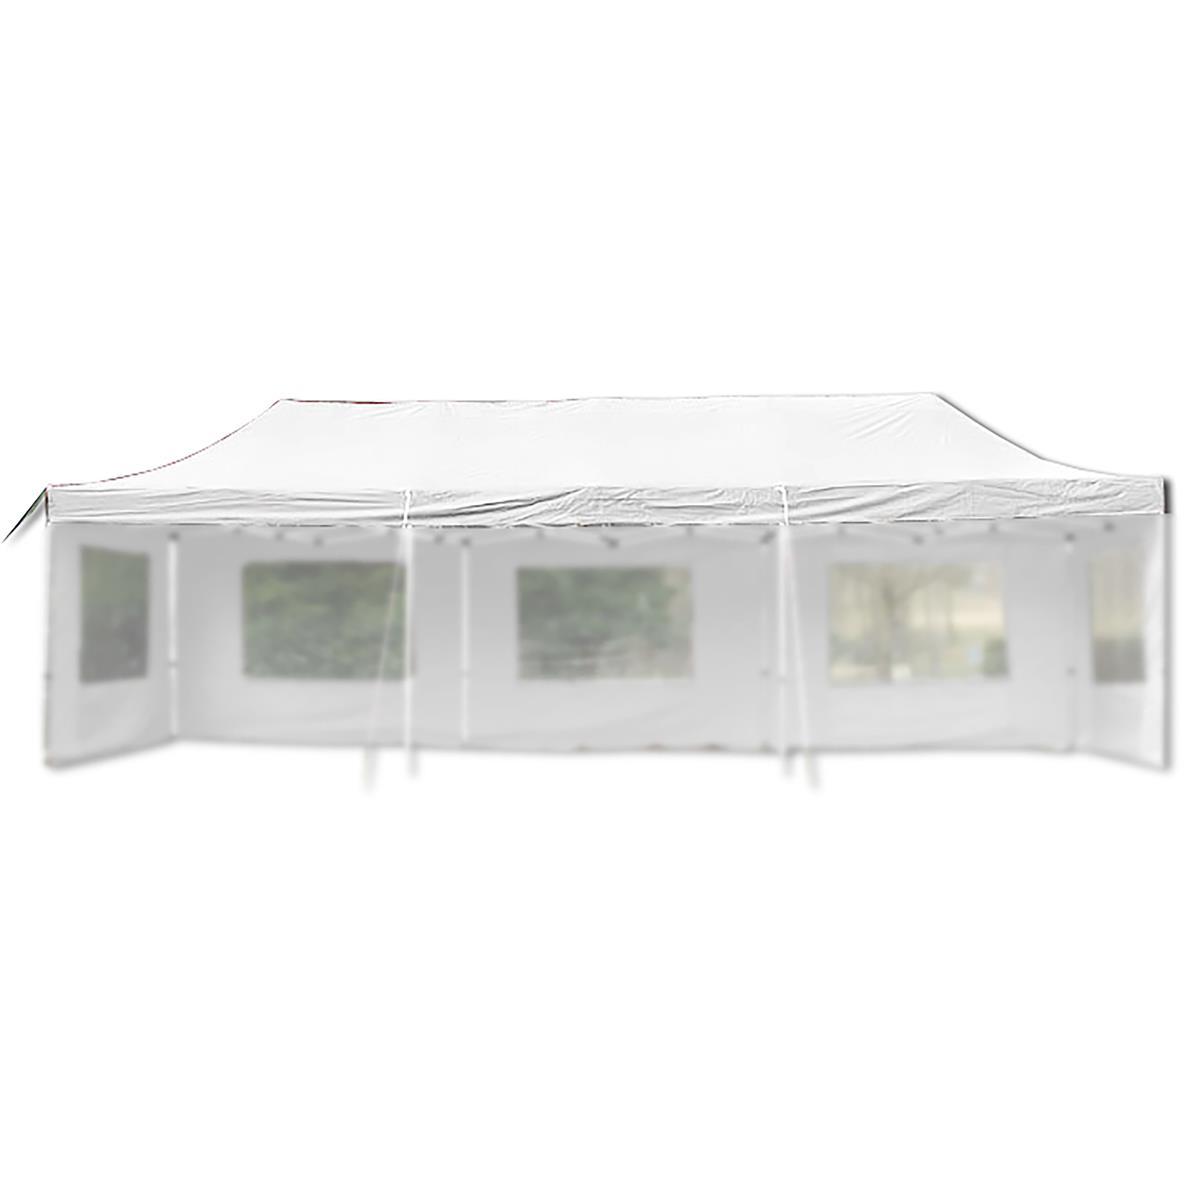 Ersatzdach für PROFI Falt Pavillon 3x9m weiß wasserdicht Dachplane Pavillondach